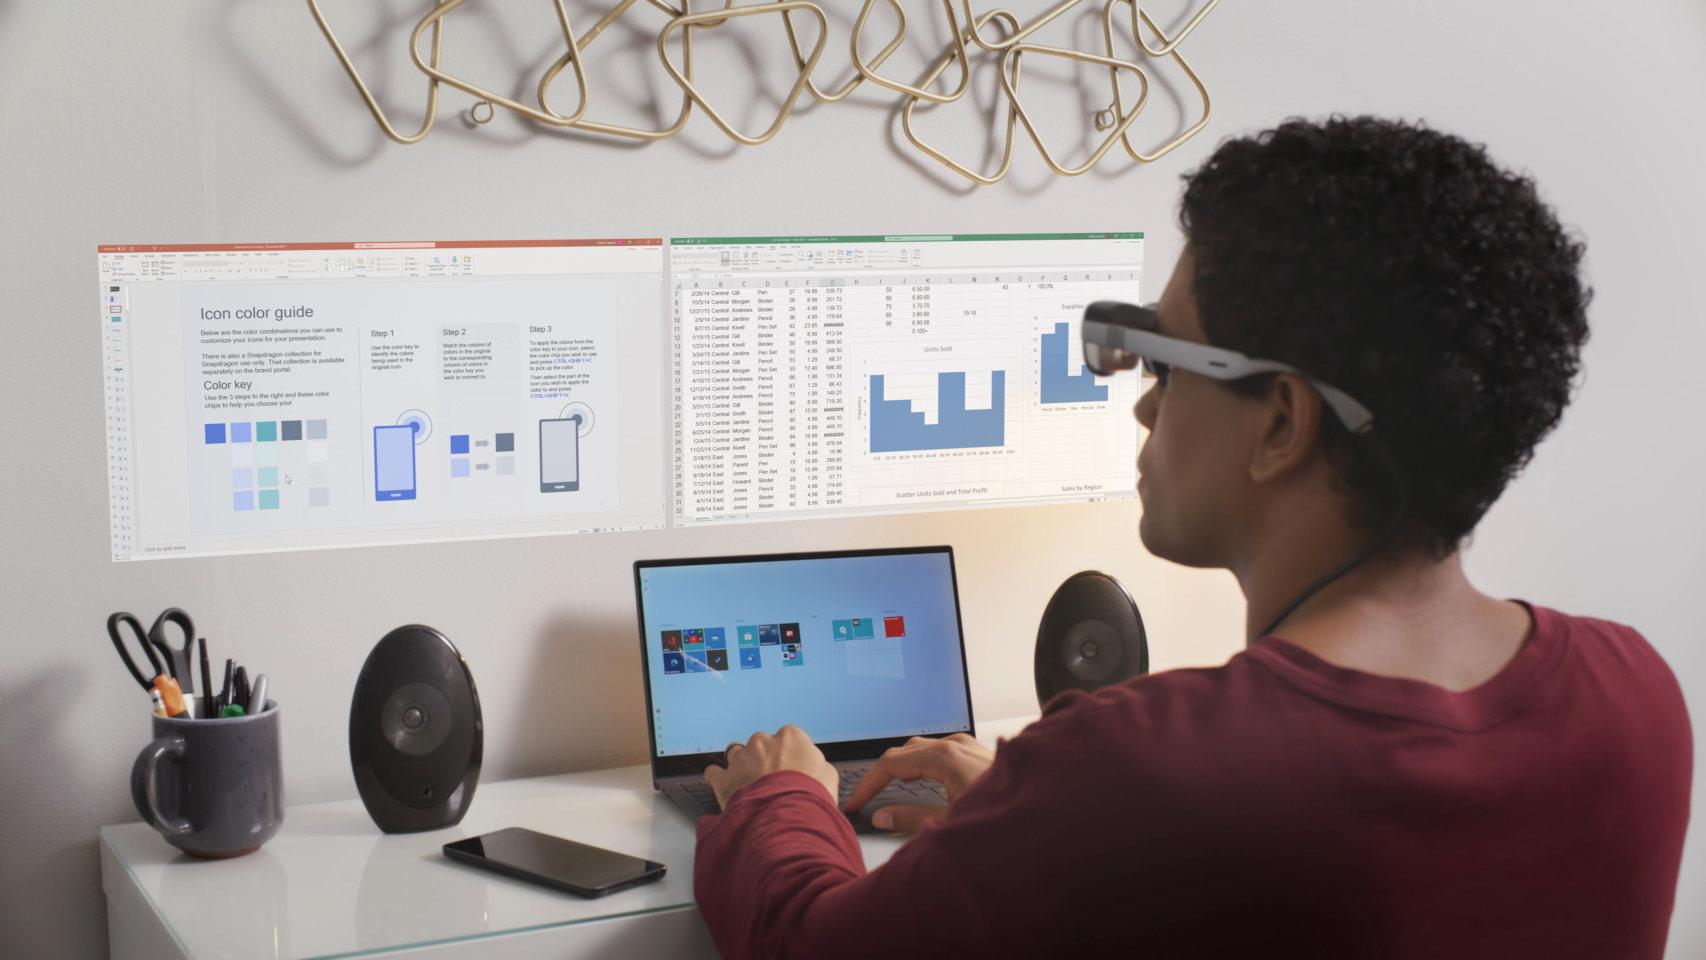 Qualcomm presenta sus propias gafas de realidad aumentada, adelanto de lo que pronto llegará —